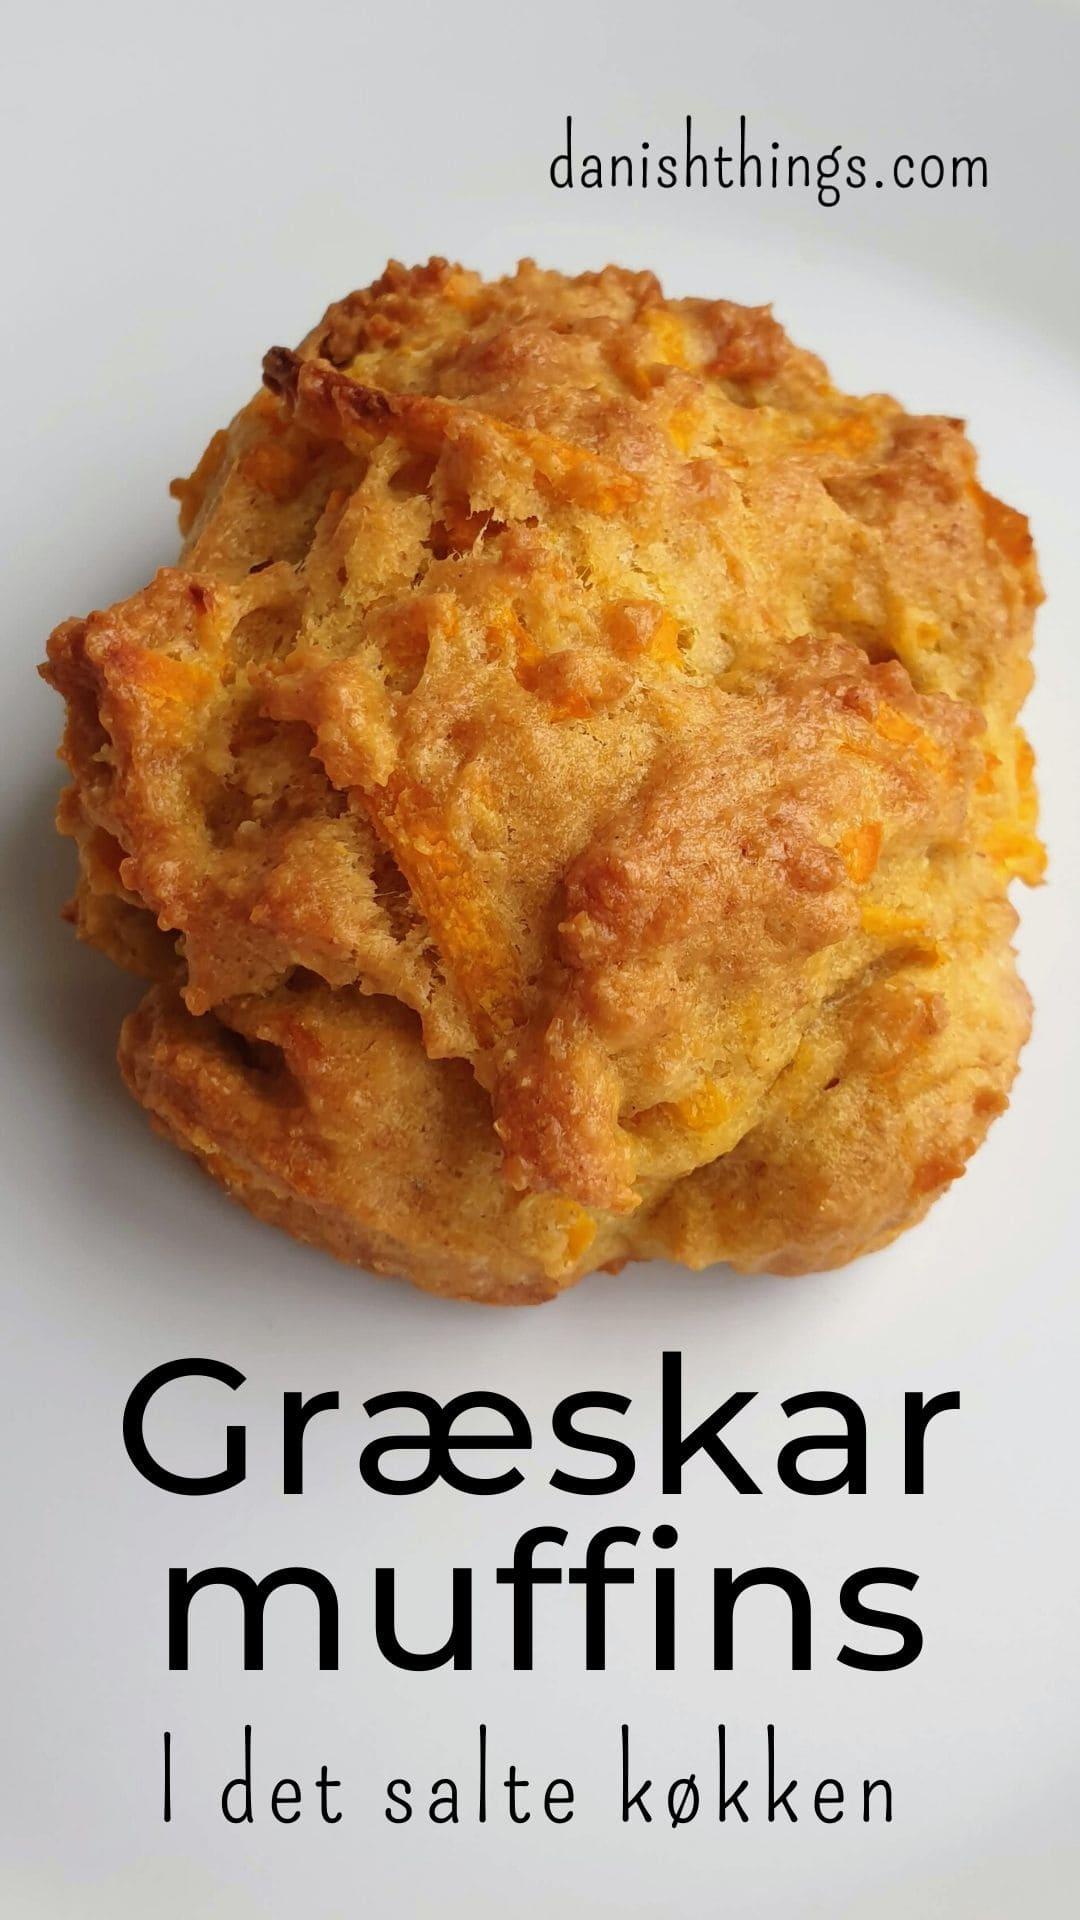 Her får du opskriften på lækre græskarmuffins - nemme hurtige madboller. Spis dine græskarmuffins som morgenmad, eller brug dem som tilbehør til suppe og gryderetter. Find opskrifter, gratis print og inspiration til årets gang på danishthings.com